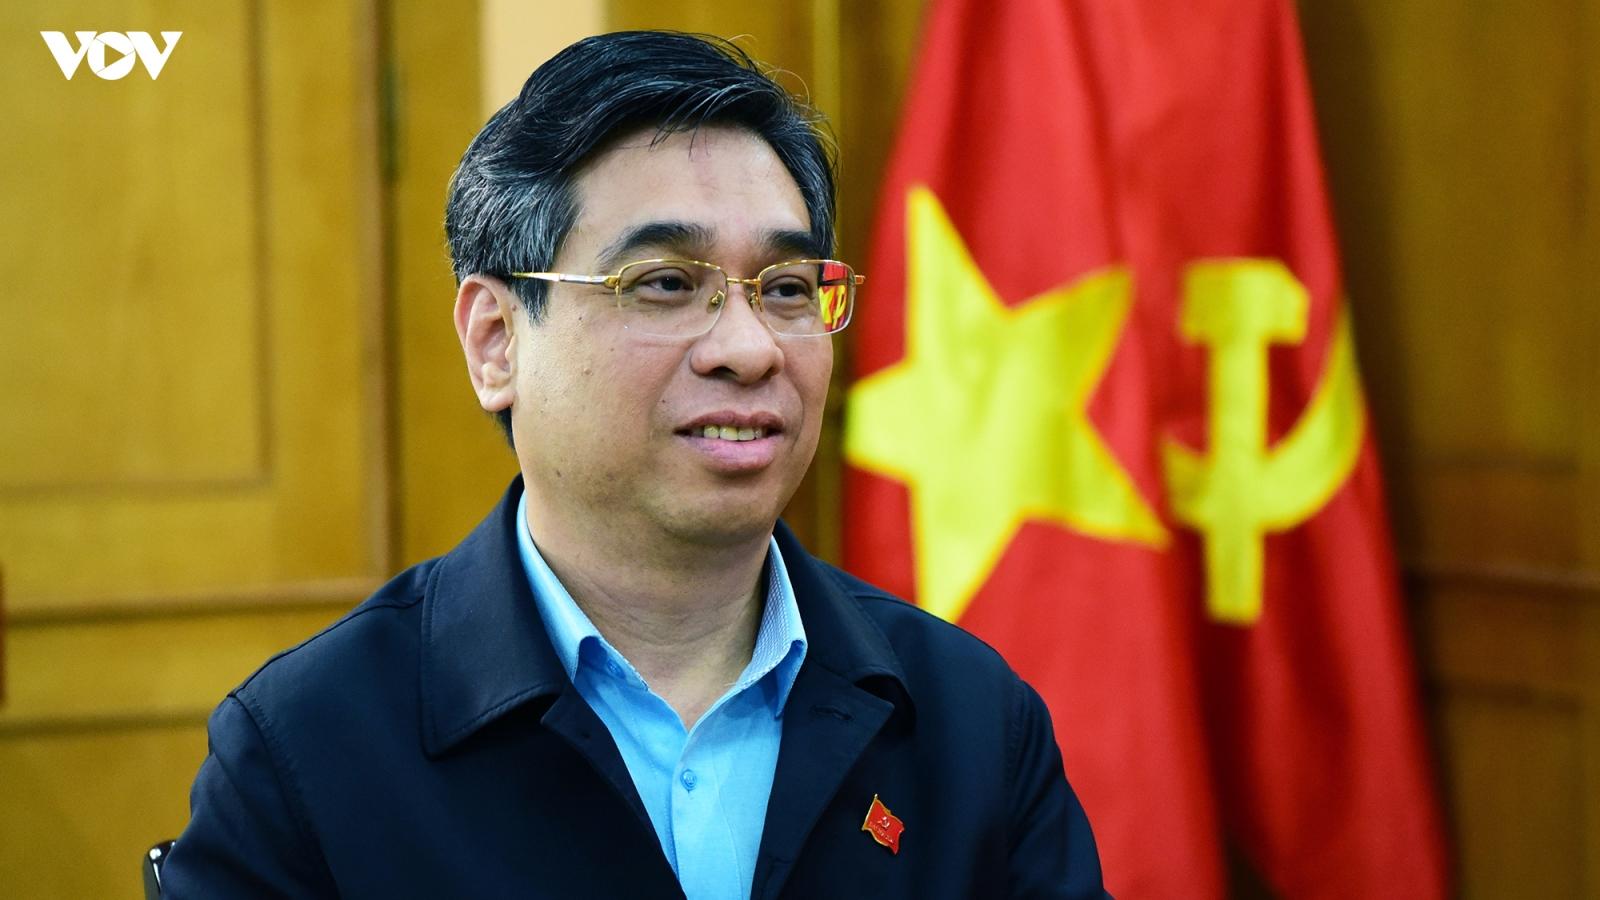 Phó Ban Dân vận Trung ương: Người dân quan tâm sâu sắc đến xây dựng, chỉnh đốn Đảng